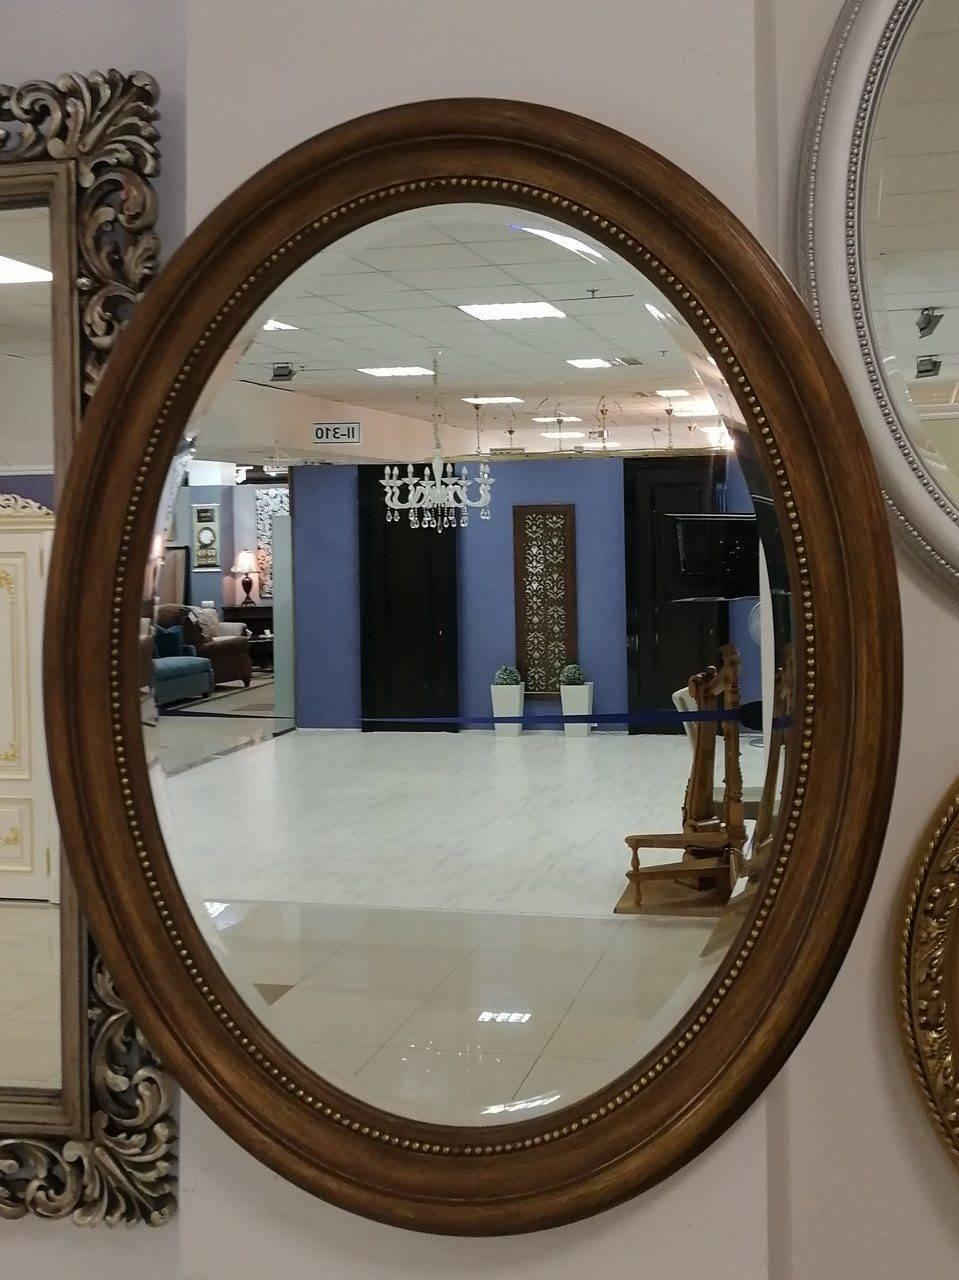 Зеркало в прихожей, классификация изделий, рекомендации по фэншуй